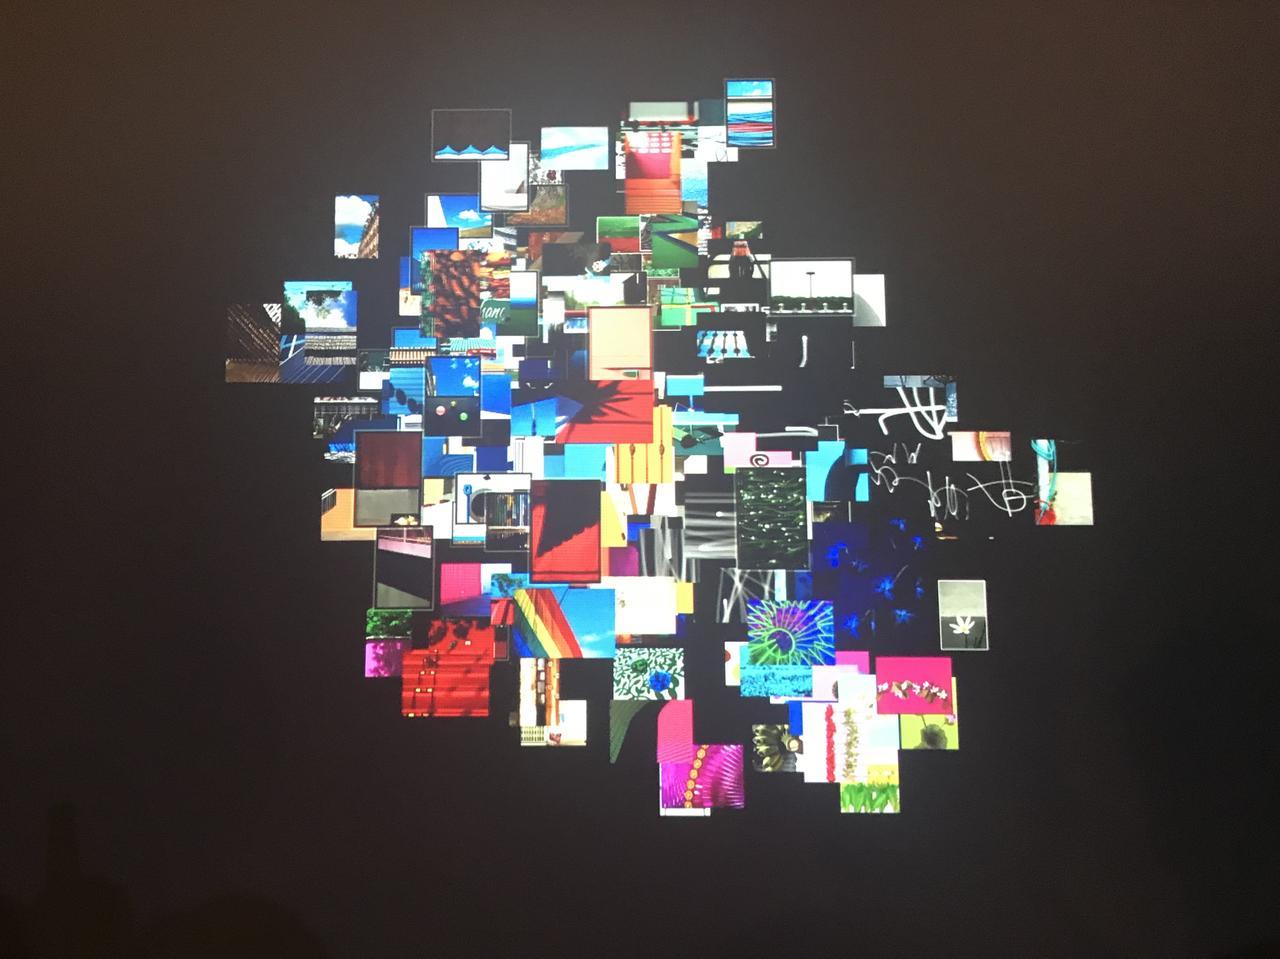 画像: ▲写真展会場ではプリントだけでなく、映像による展示も行われていた。